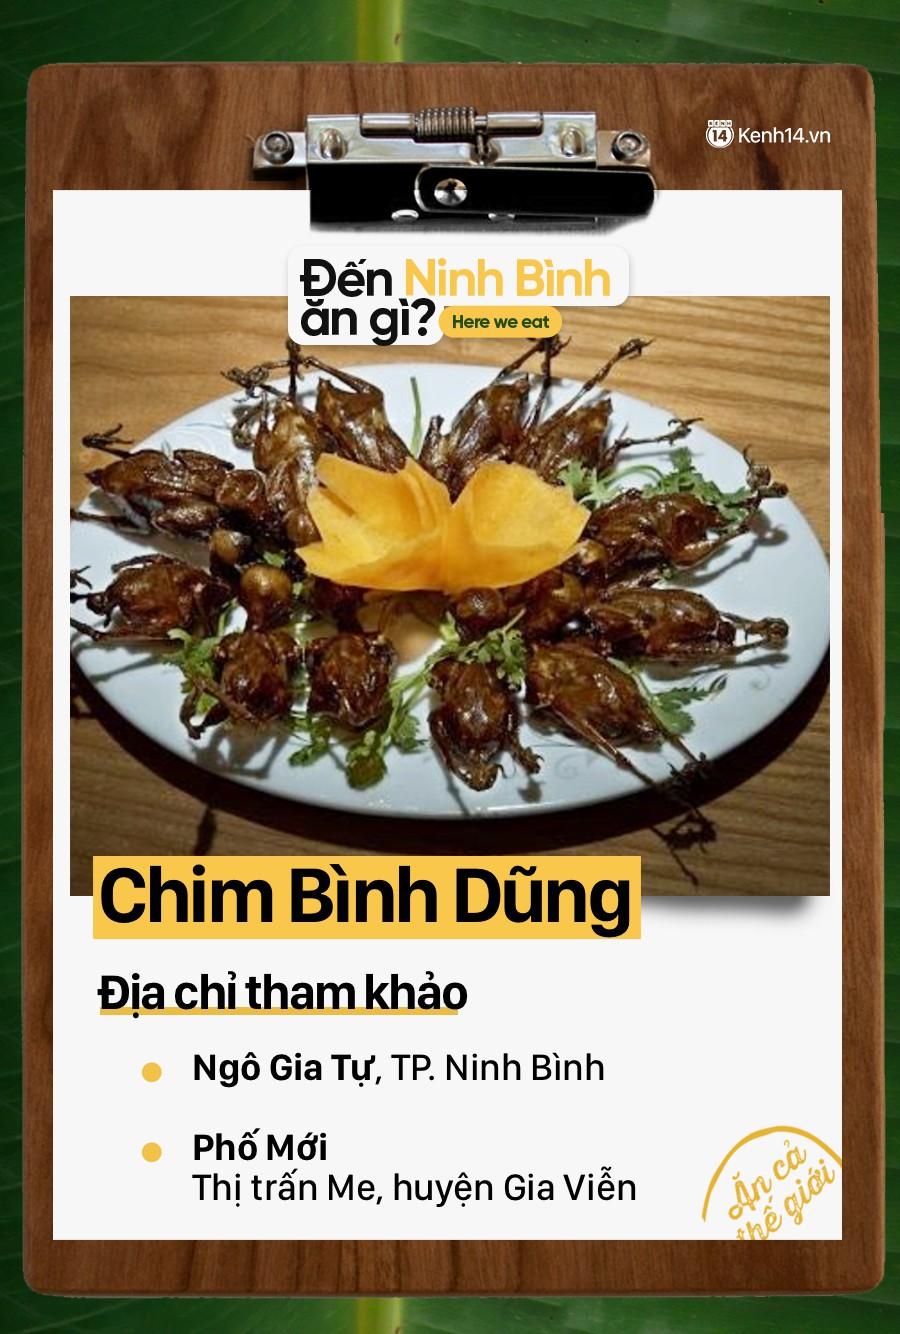 Không chỉ có nhiều cảnh đẹp, Ninh Bình còn rất nhiều món ăn ngon mà bạn cần khám phá - Ảnh 13.